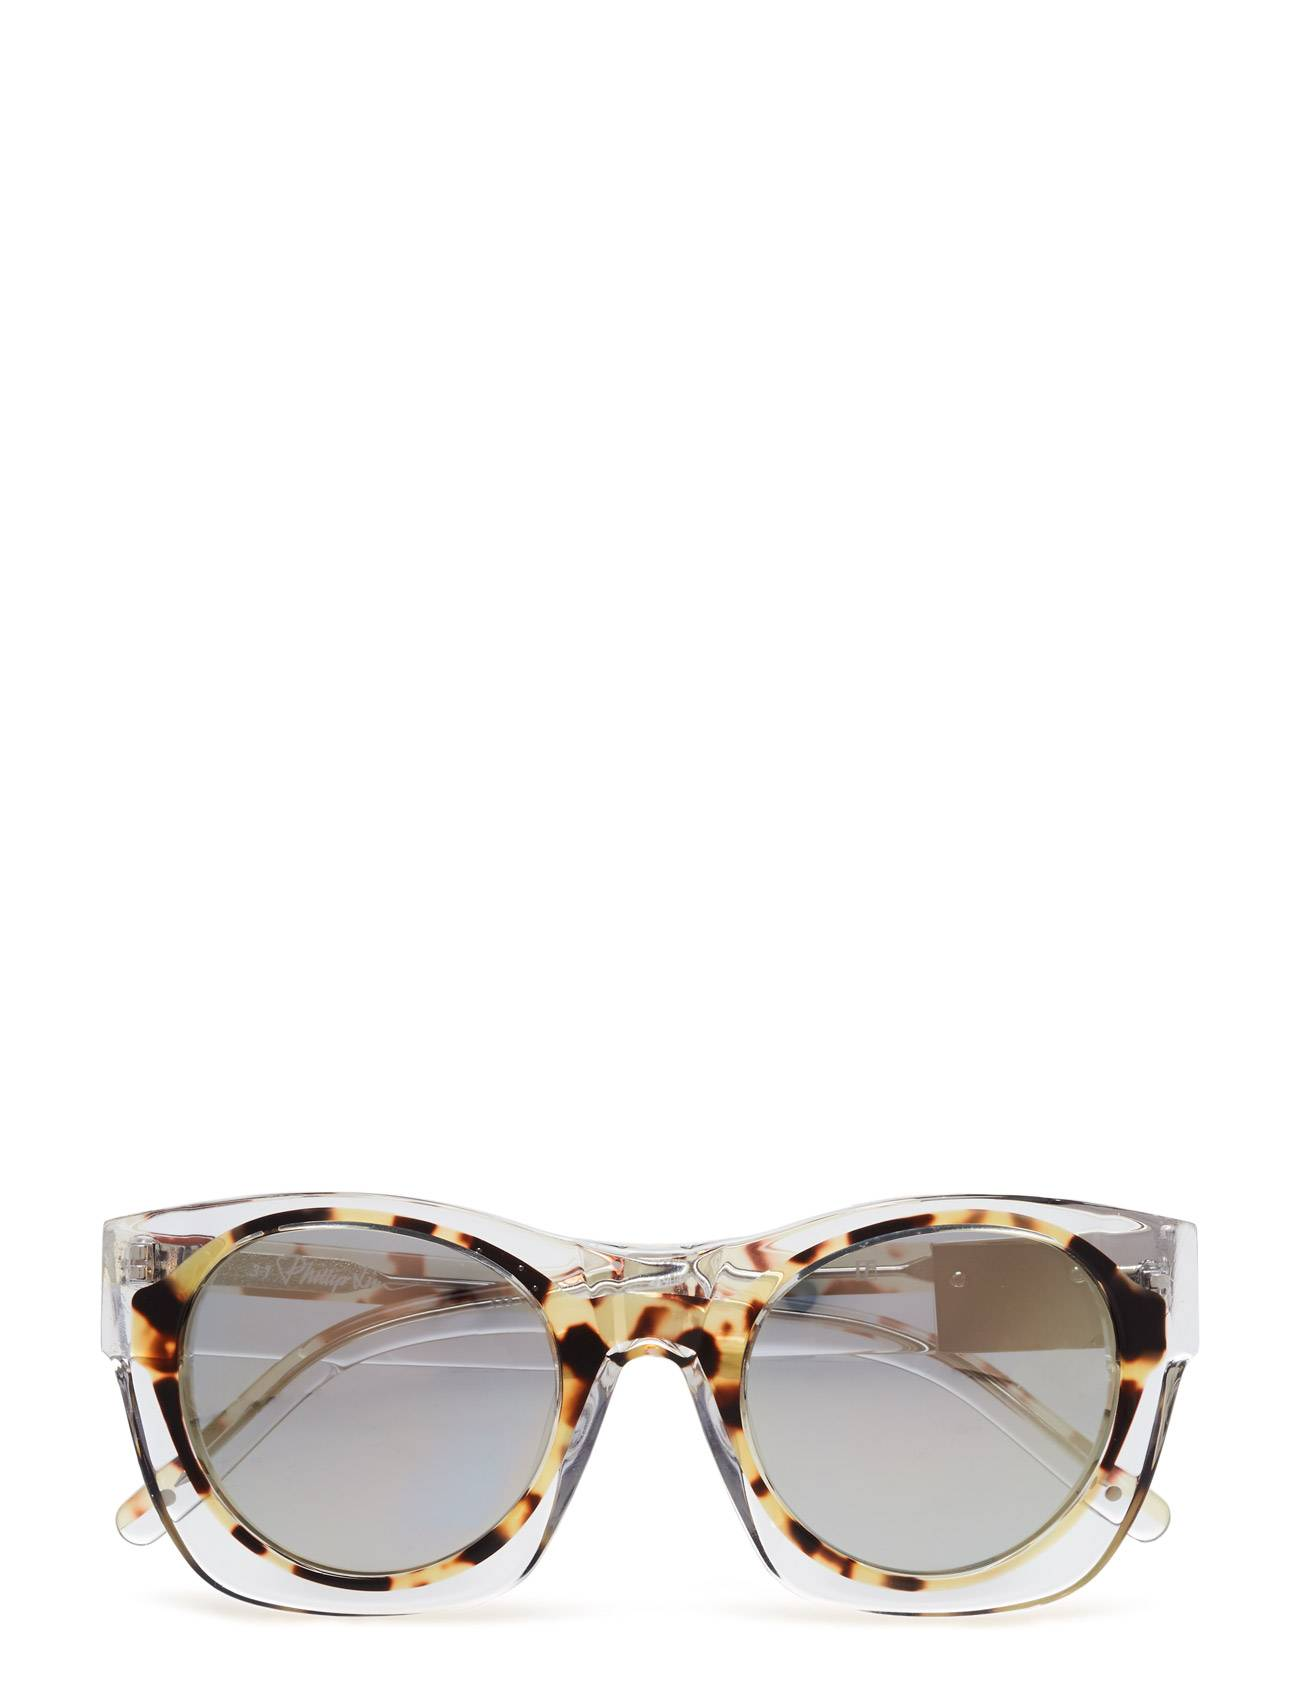 3.1 Phillip Lim Sunglasses Phillip Lim 137 C2